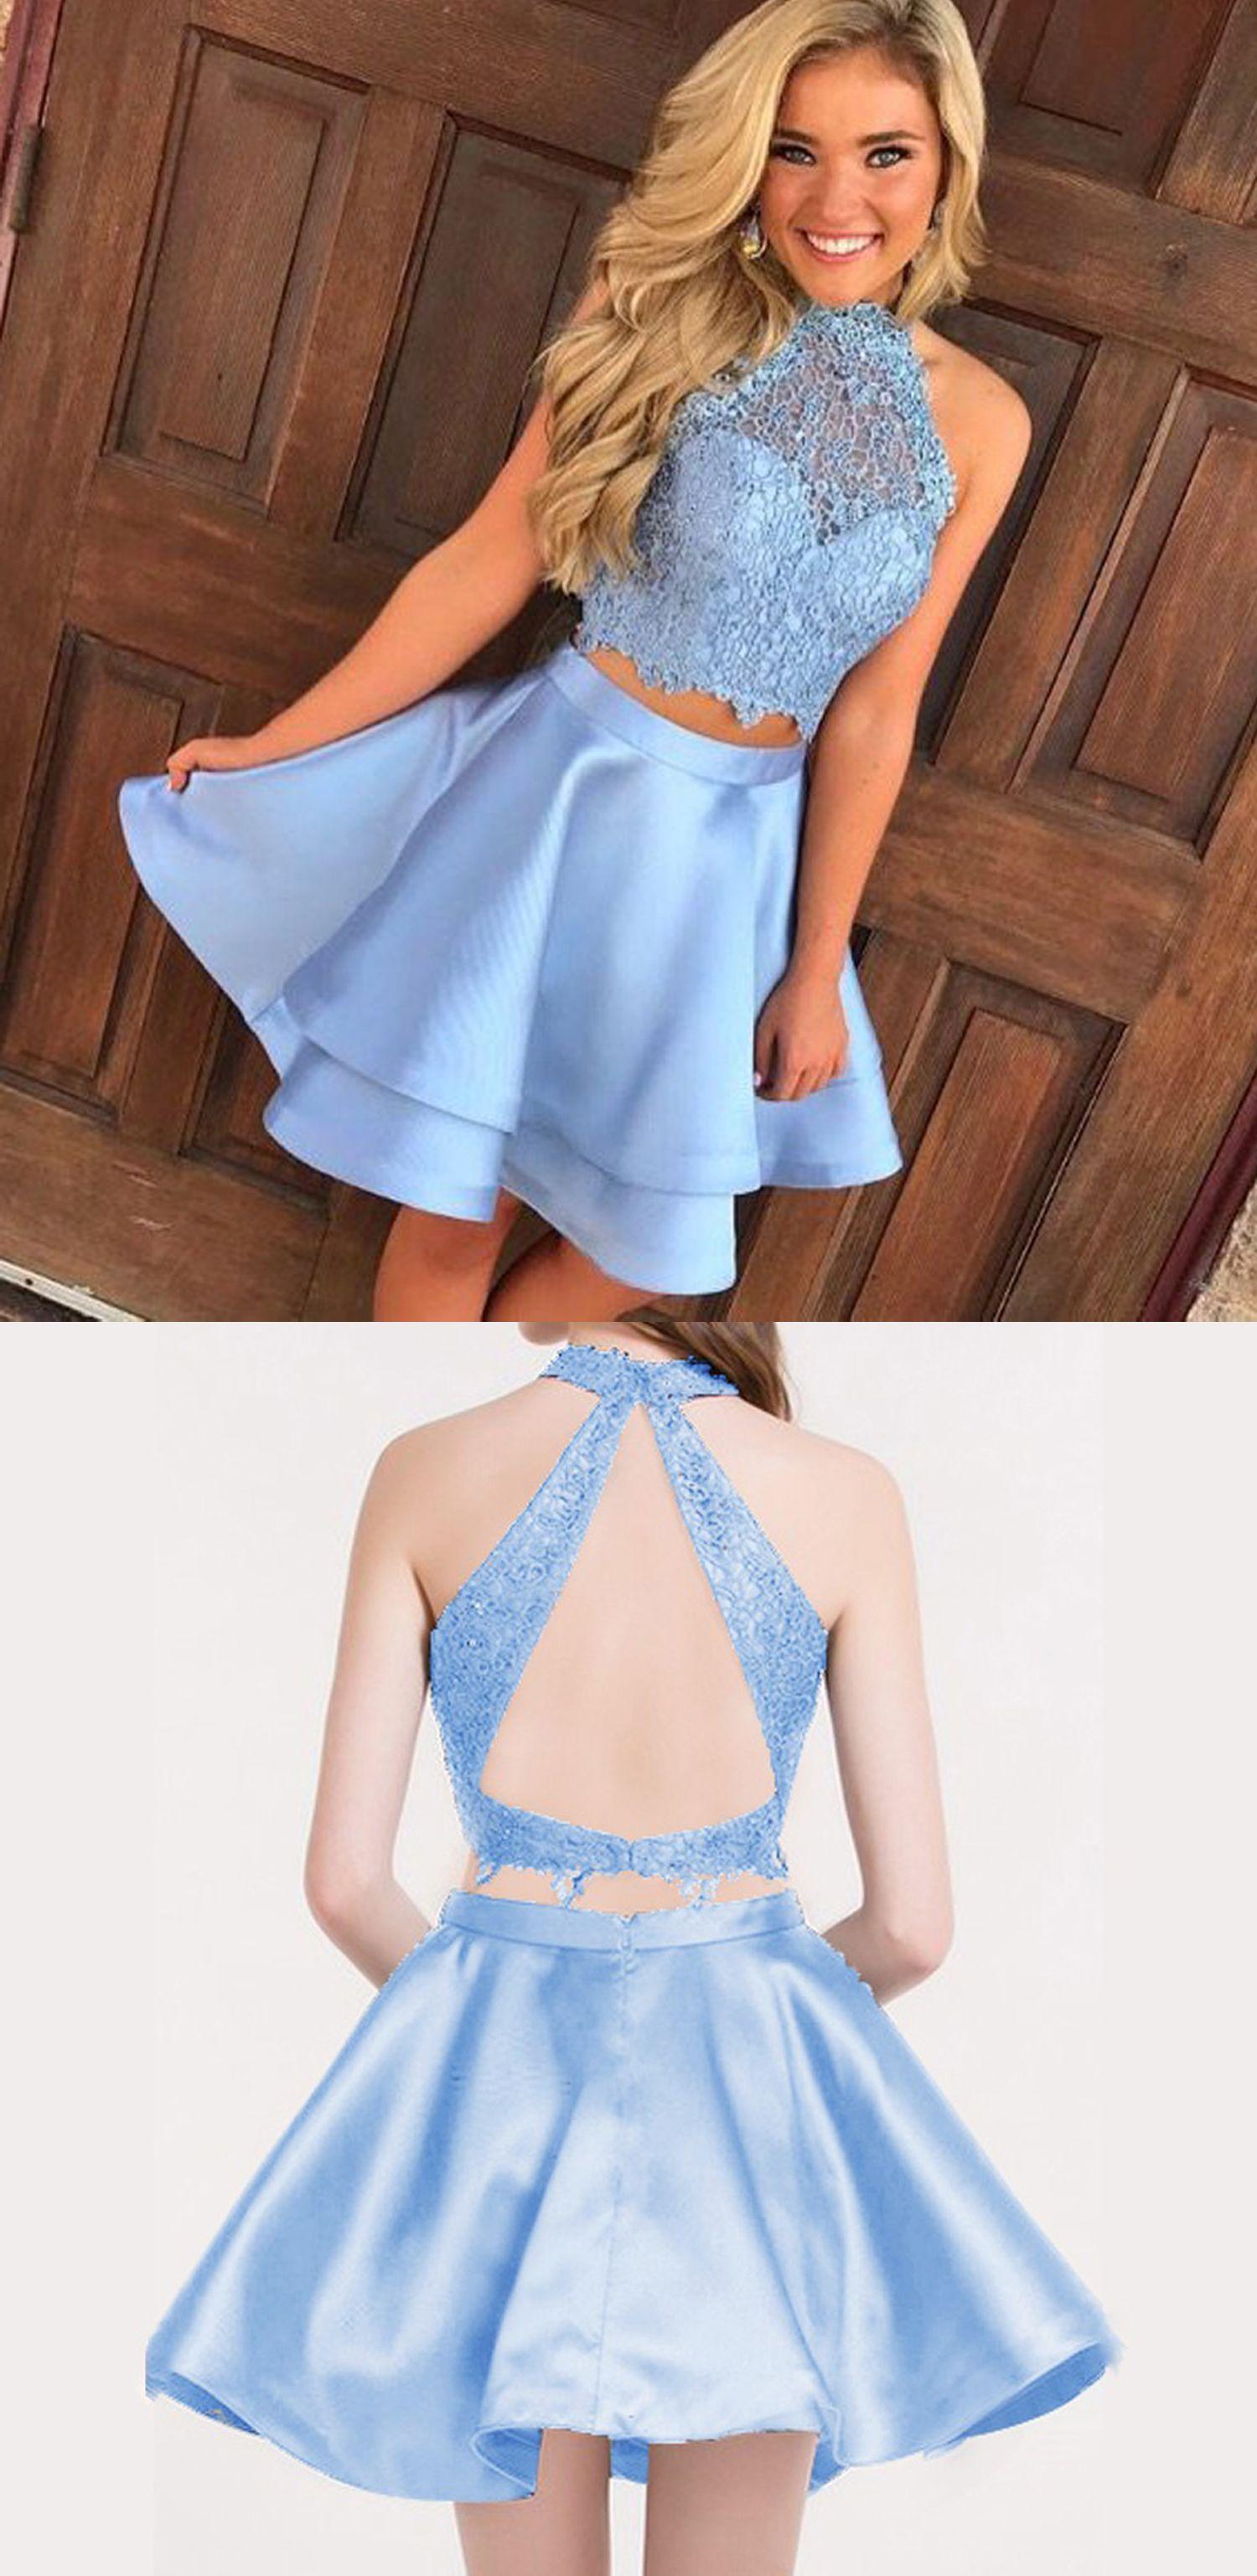 Two Piece Round Neck Dresses Blue Lace Dresses Short Homecoming Dresses Open Back Par Two Piece Homecoming Dress Blue Homecoming Dresses Satin Homecoming Dress [ 3075 x 1500 Pixel ]